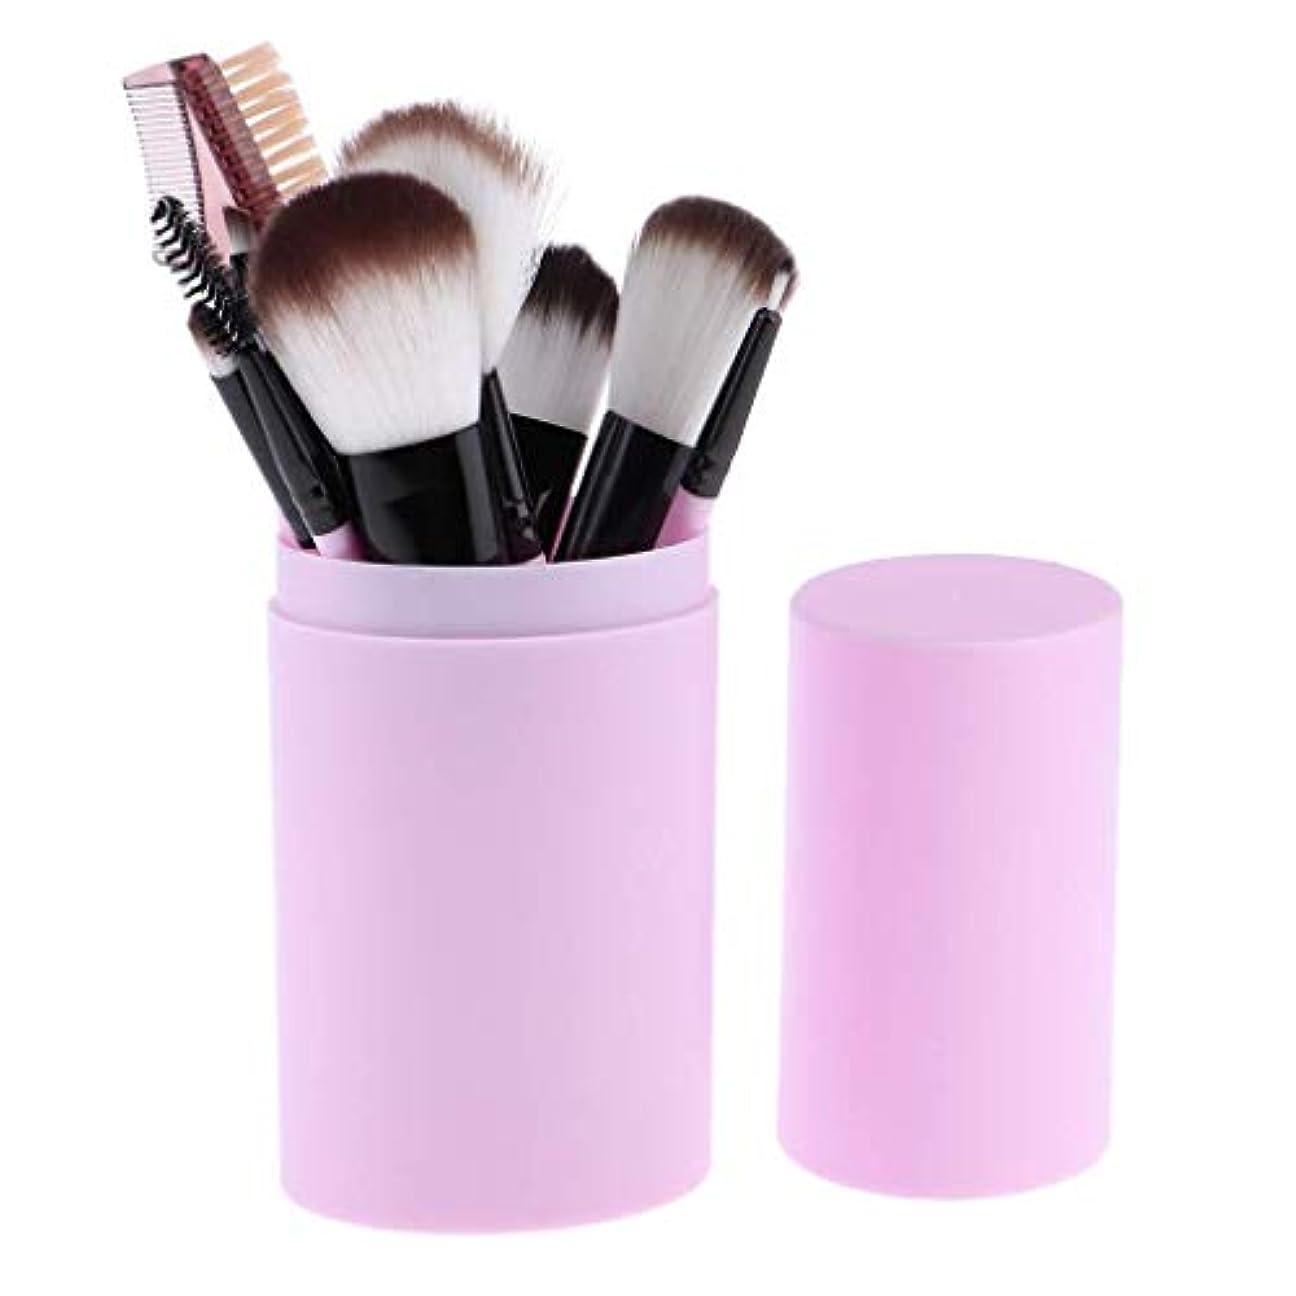 ビジタージャム警告Makeup brushes スミア、持ち運びにやさしい、12ピース高品質木製ハンドル化粧ブラシセット(収納バケツ化粧ブラシセット) suits (Color : Purple)